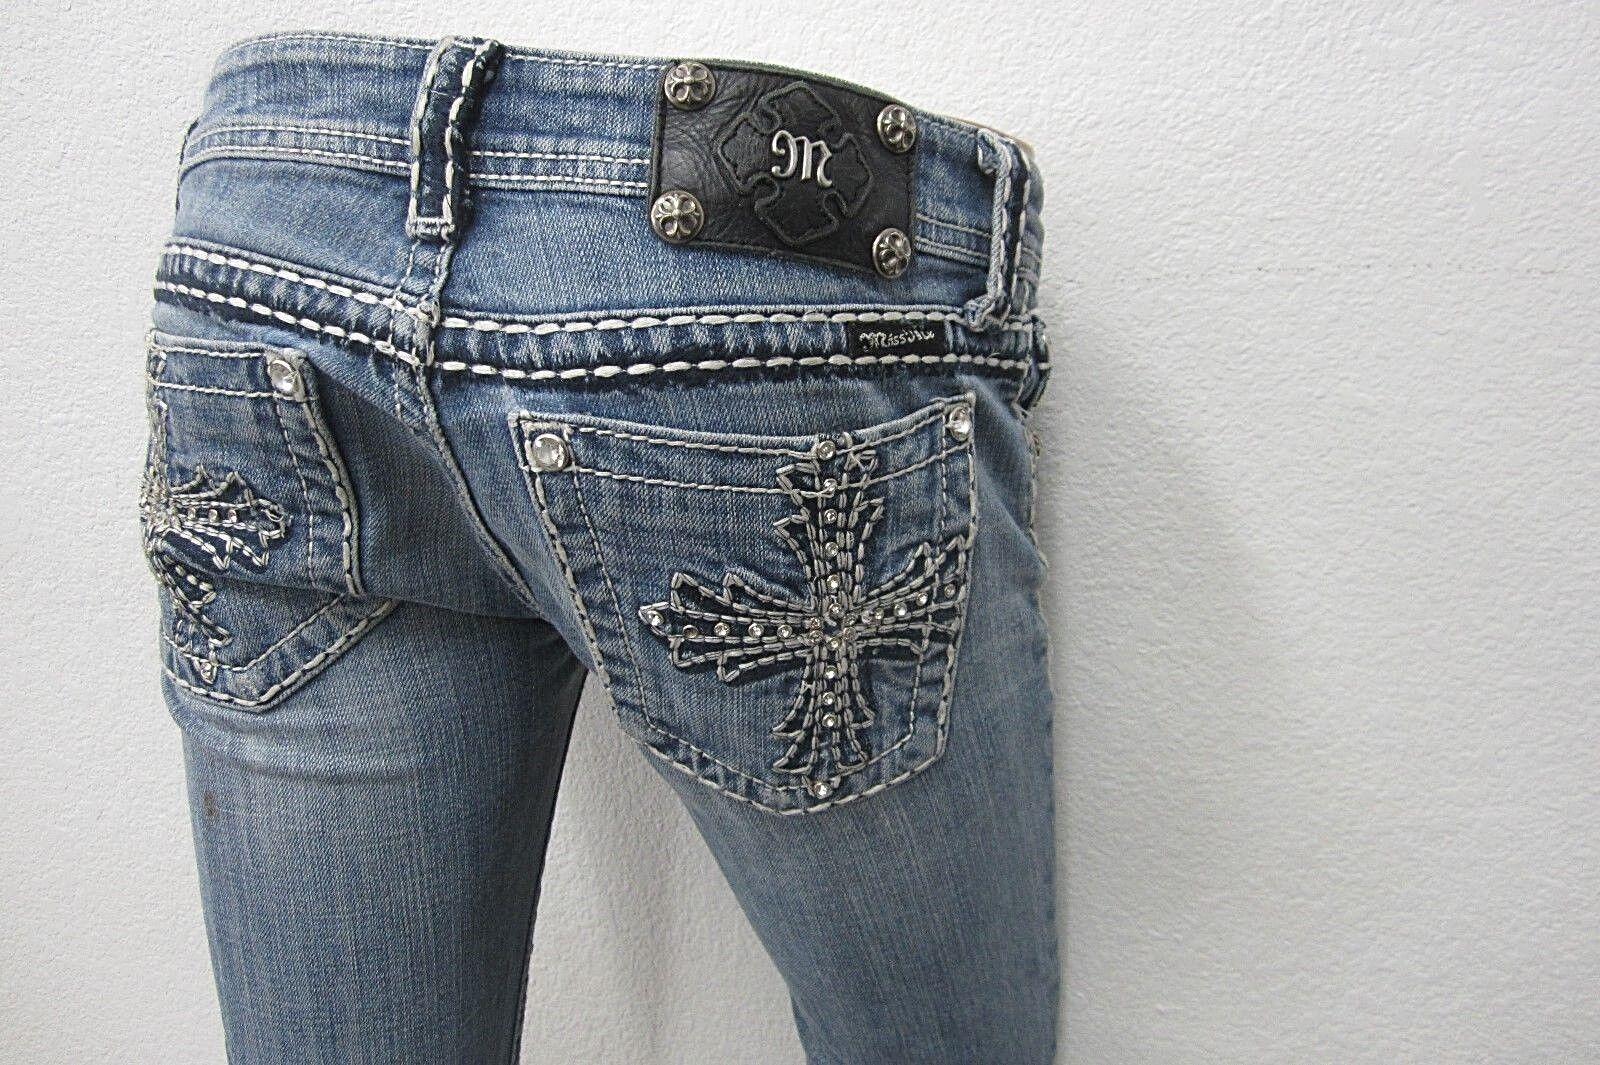 NICE MISS MEBoot Cut Denim Embellished Cross CUTE bluee JEANS Size W26 x L31